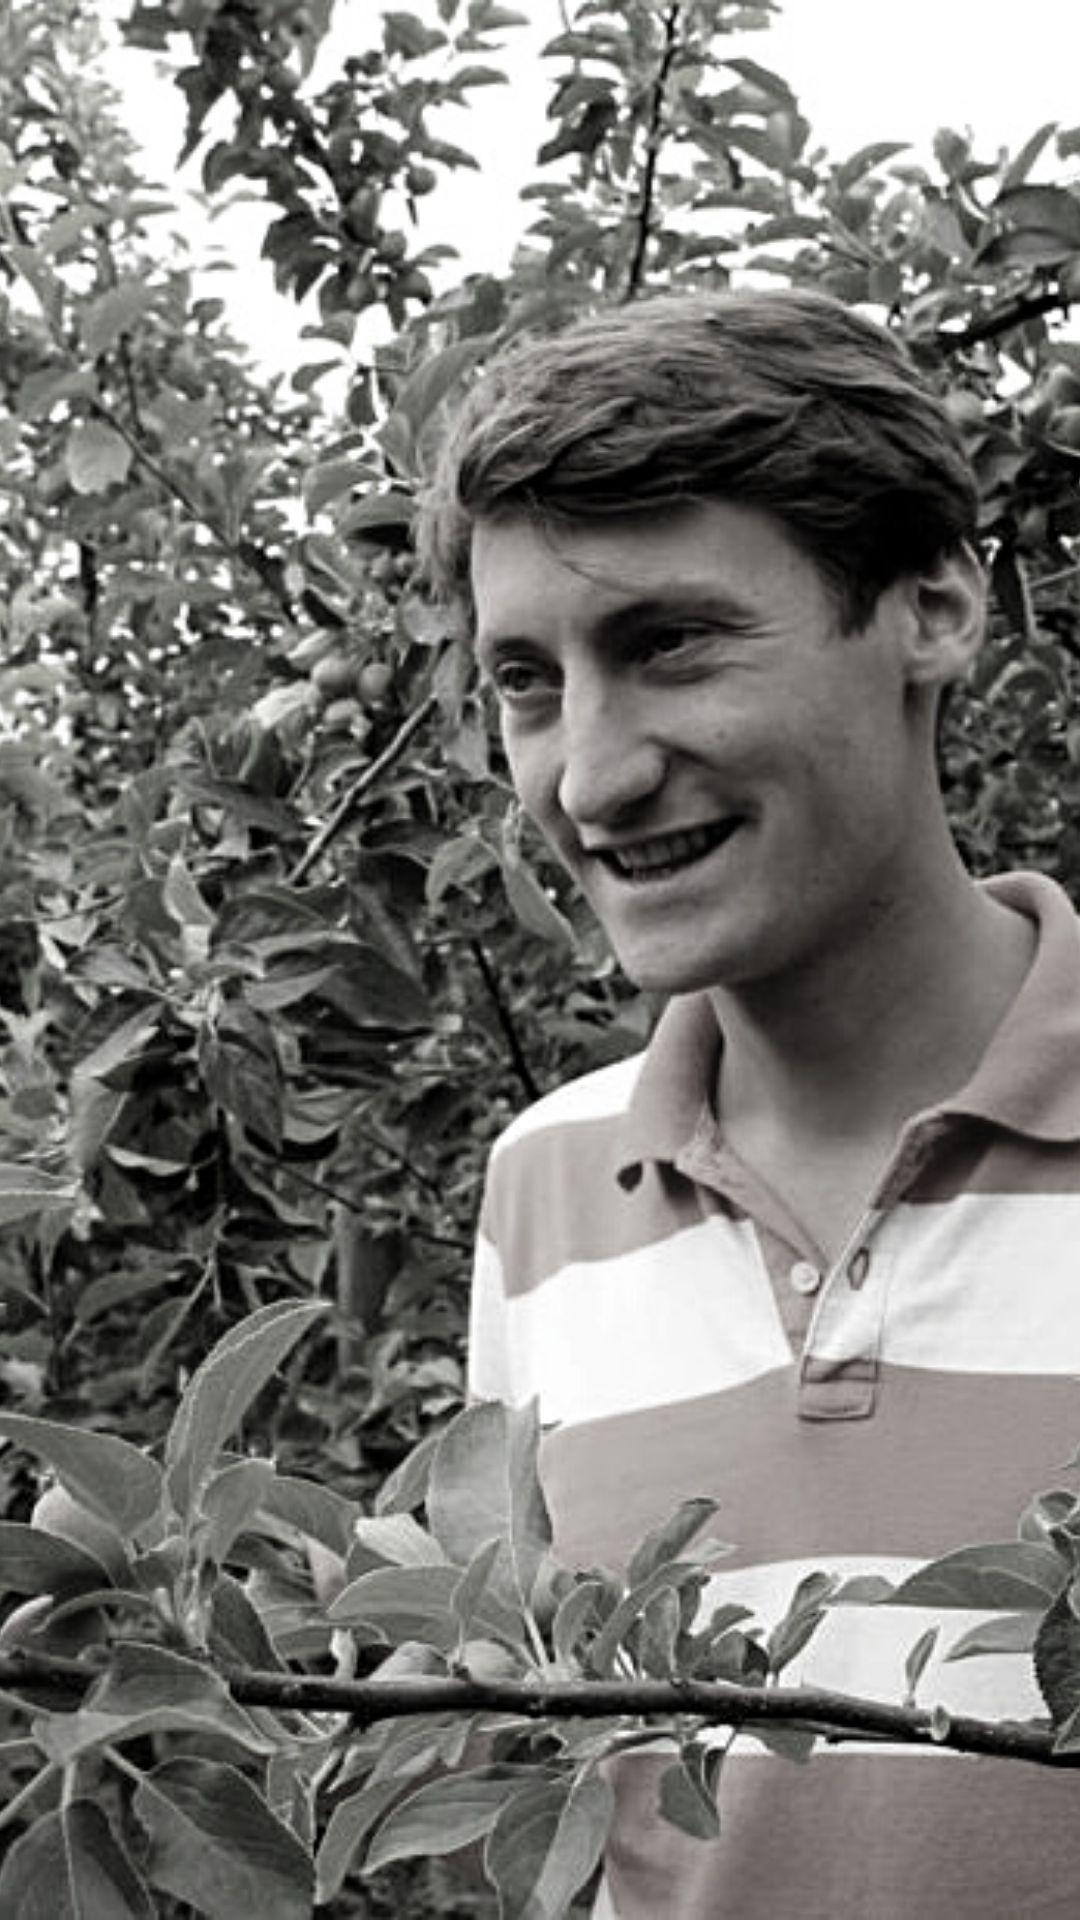 Paul Callouel